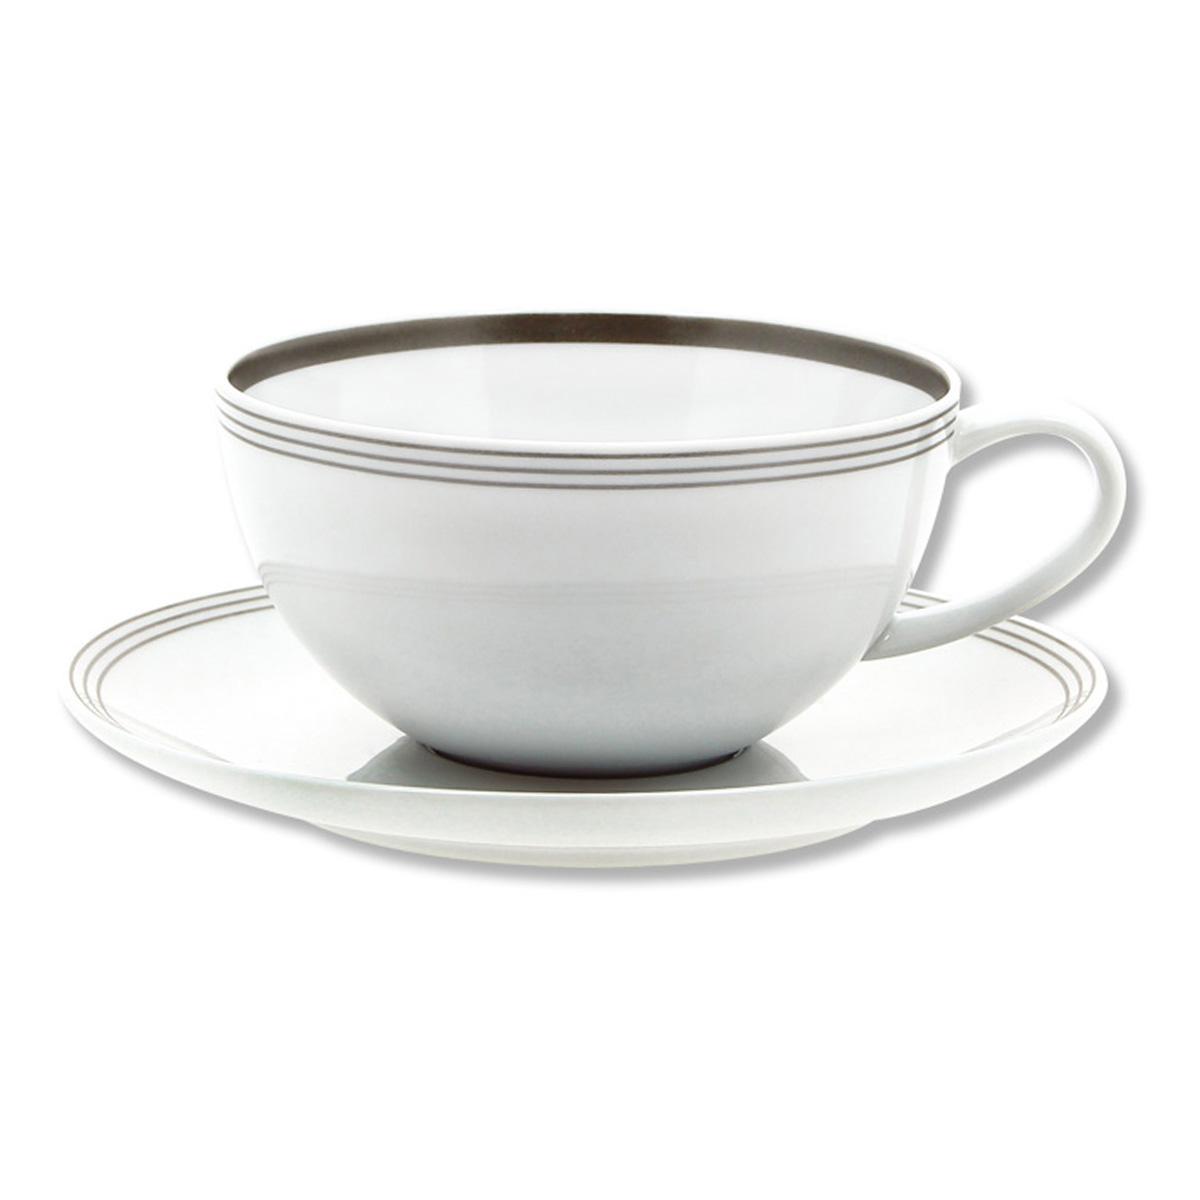 paire tasse th en porcelaine au design classique bruno evrard. Black Bedroom Furniture Sets. Home Design Ideas